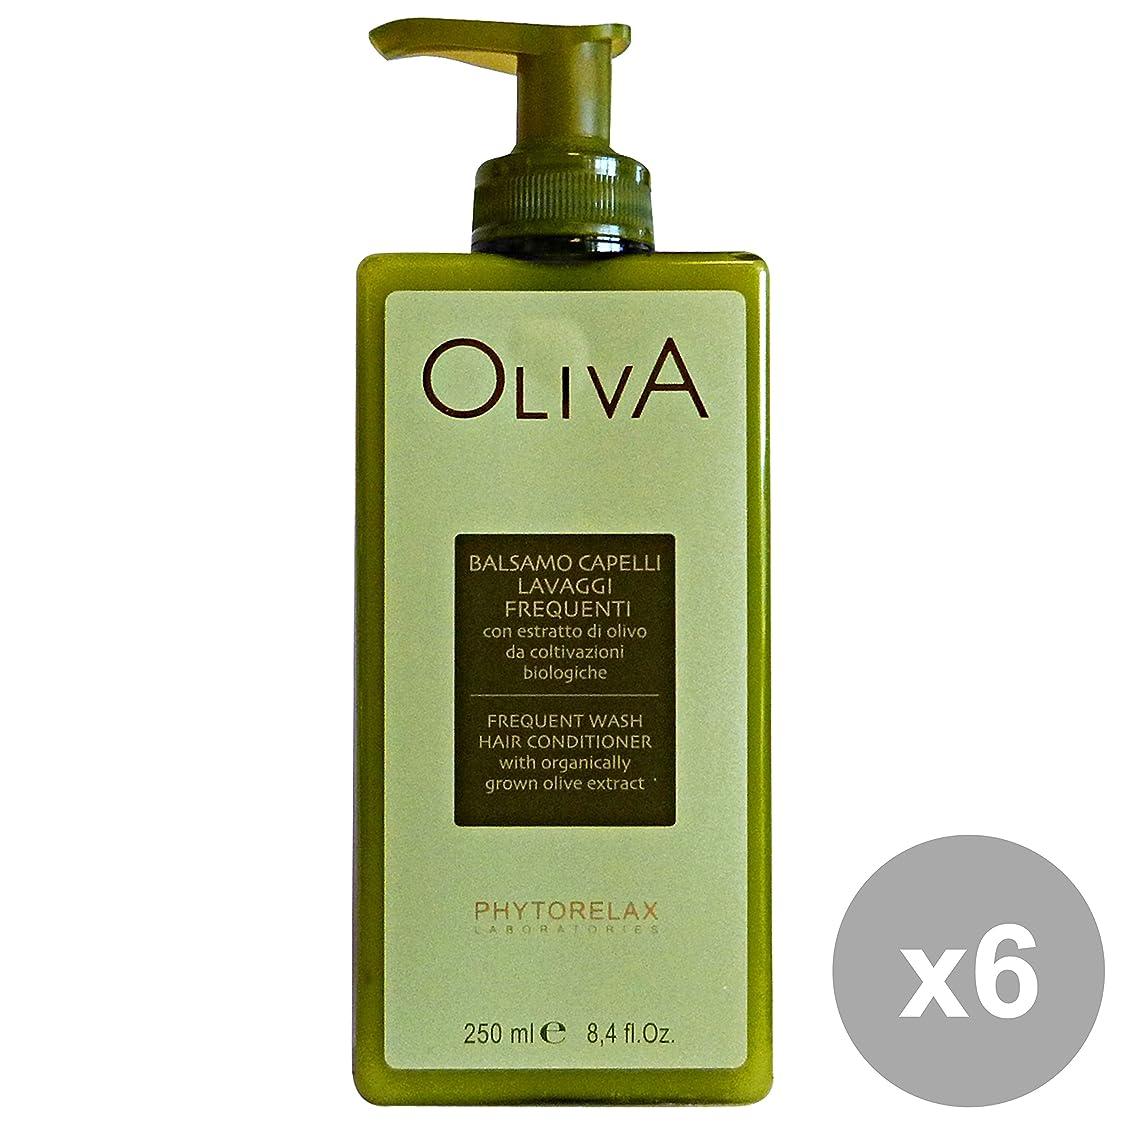 マート常習的著作権6ファイトレラックスオリーブバームウォッシュを洗う頻度250 ML。髪のための製品